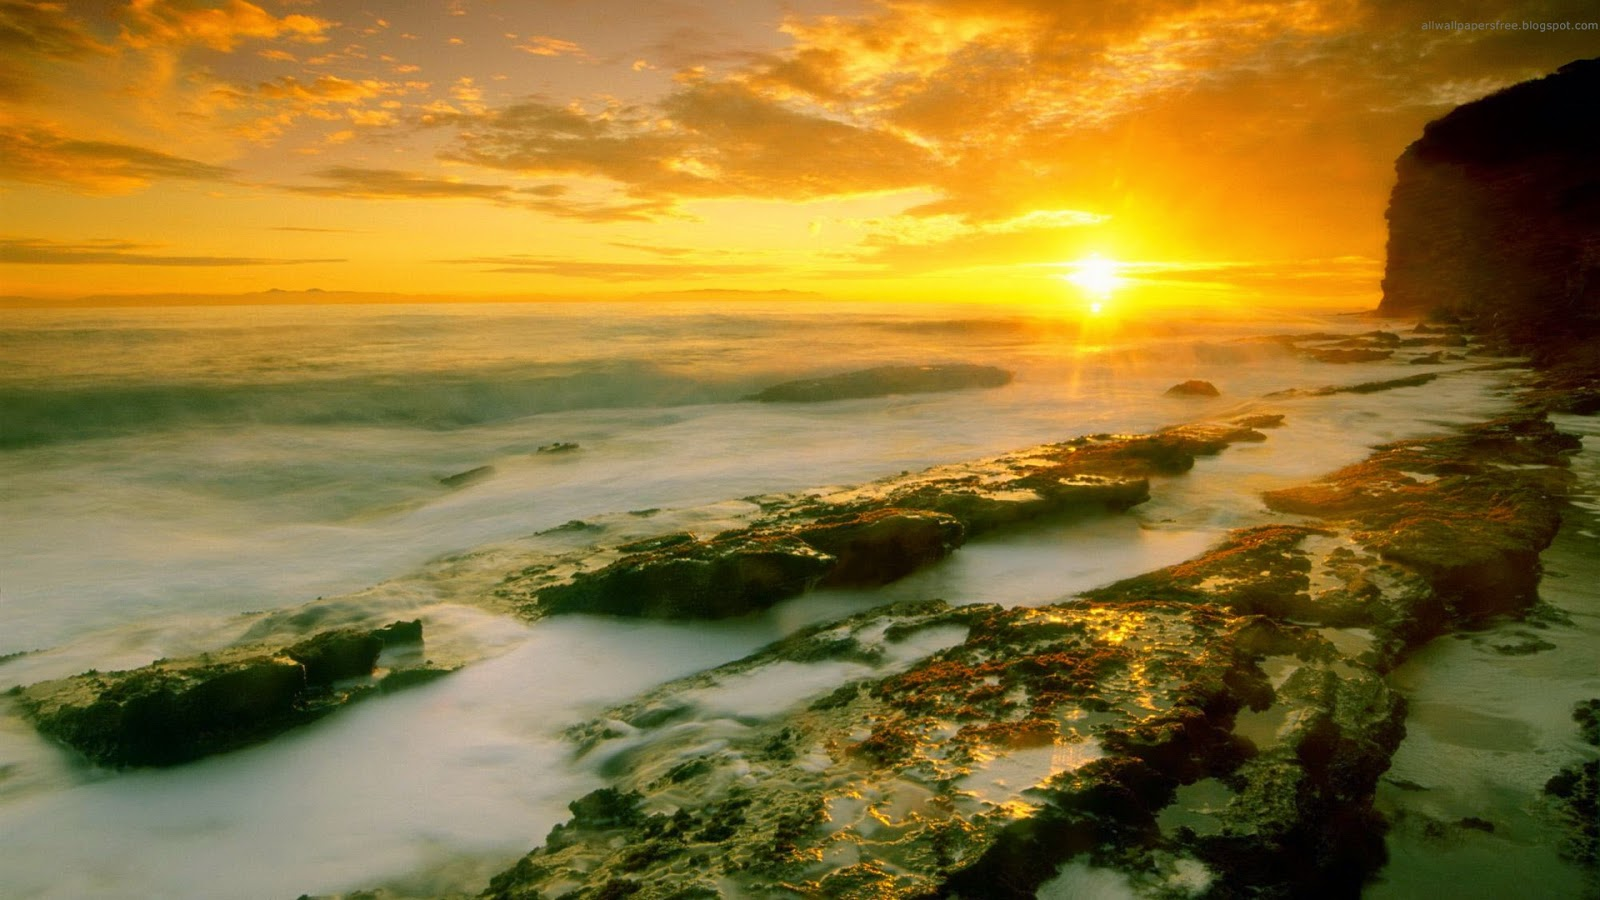 Wallpaper met natte rotsen bij zonsondergang